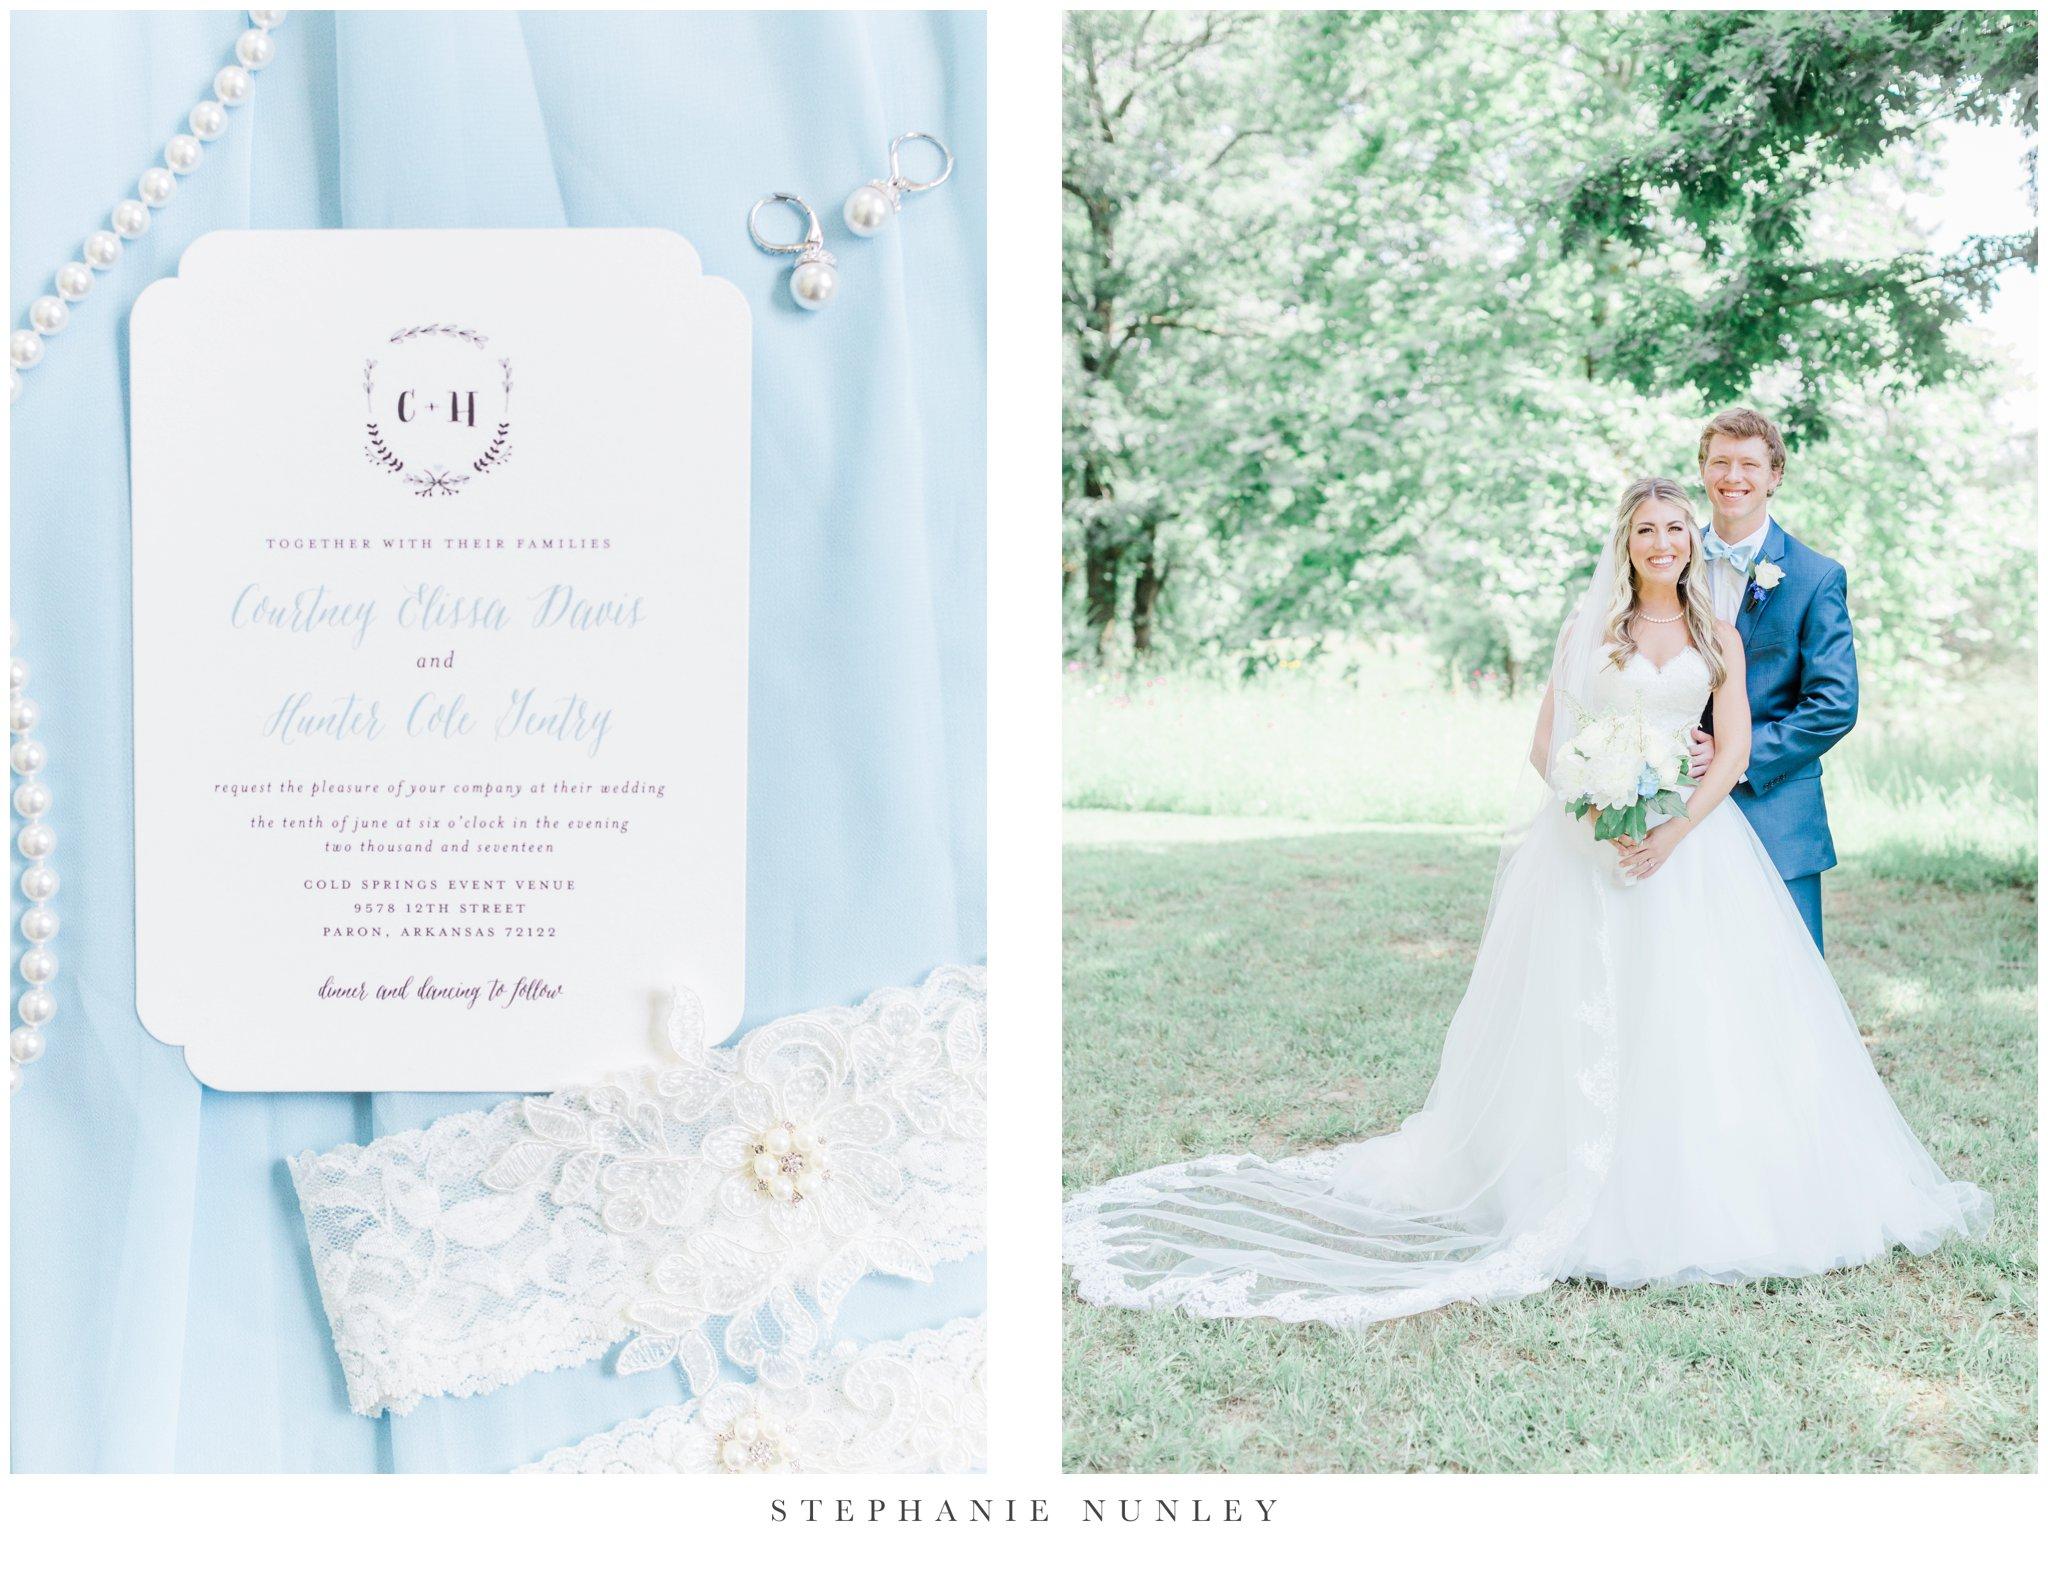 cold-springs-wedding-photos-in-arkansas-0006.jpg